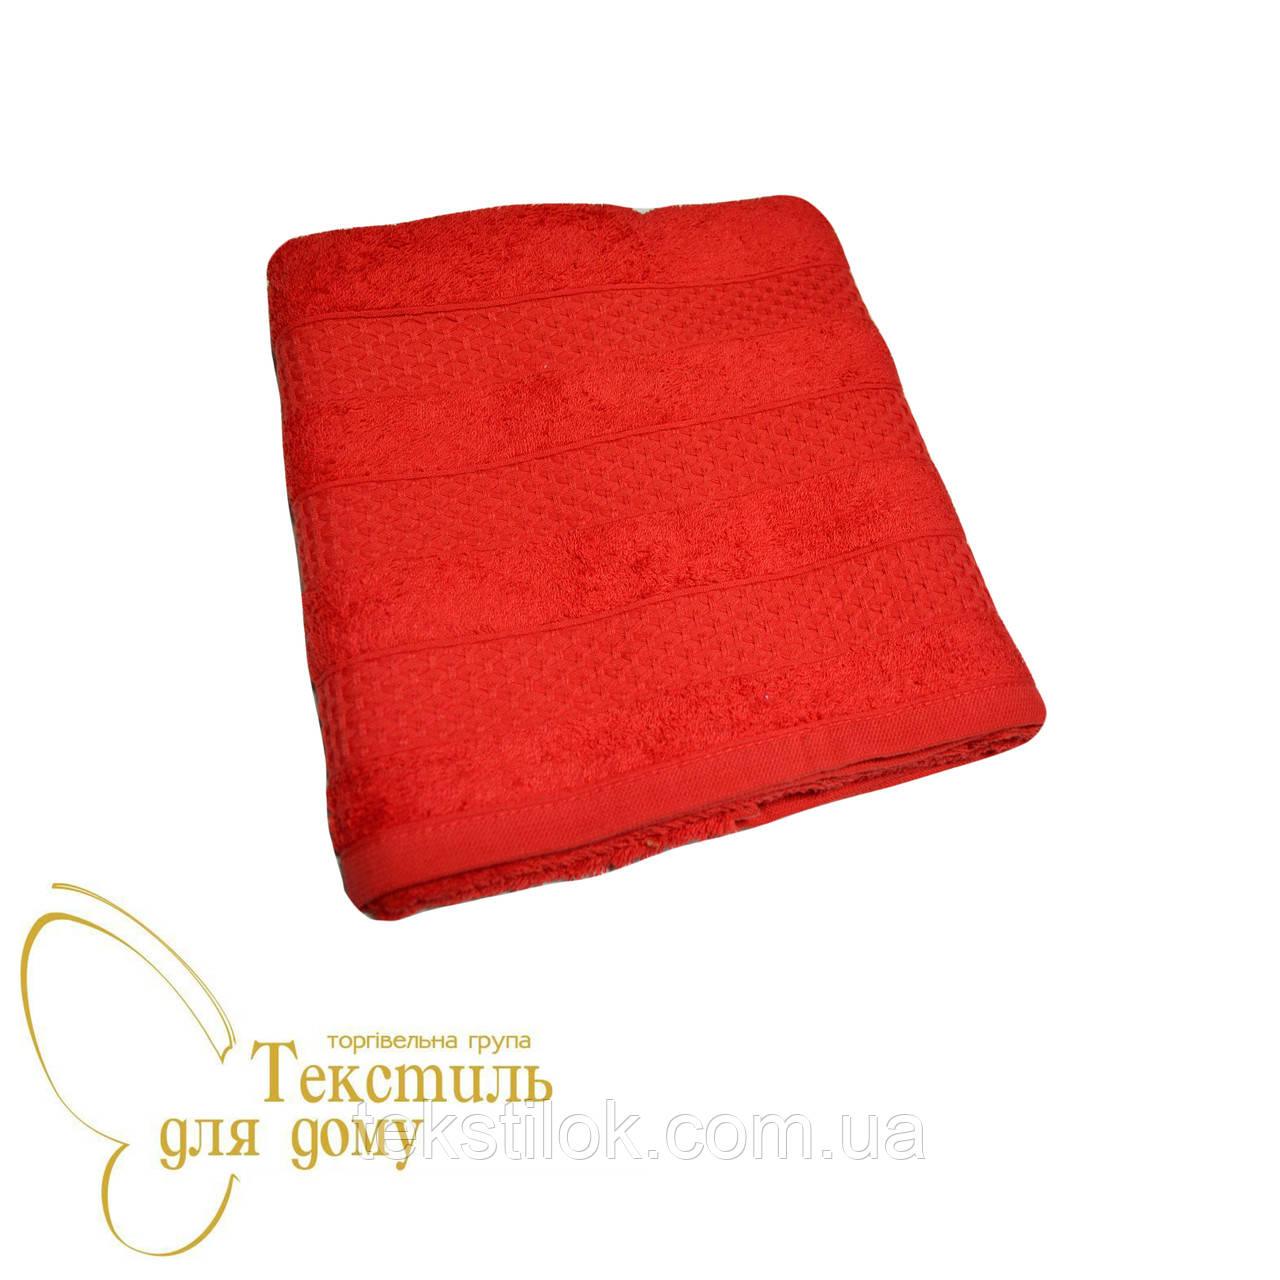 Полотенце лицевое 50*100, красный